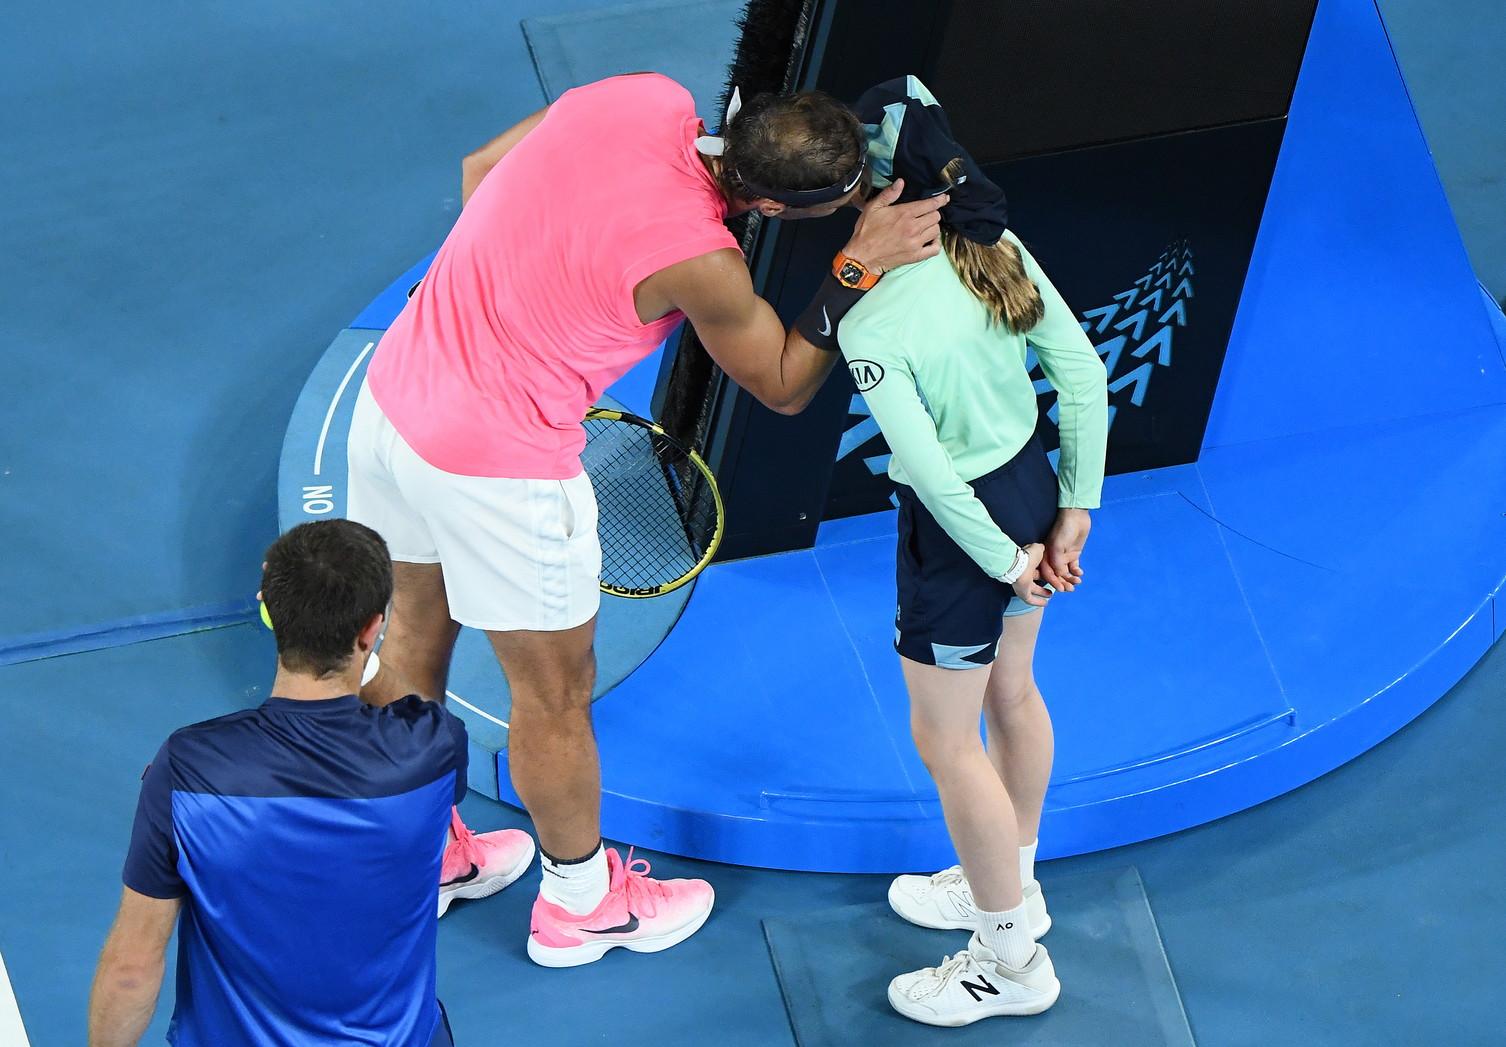 Colpisce la raccattapalle durante la sfida del secondo turno degli Australian Open contro l'argentino Federico Delbonis(vinta per 6-3, 7-6, 6-1) poi si scusa. E' successo a RafaNadal. Il tennista maiorchinonumero uno del mondo è poi andato dalla ragazza per sincerarsi delle sue condizioni, le ha dato un bacio e le ha regalato la sua fascia per i capelli.